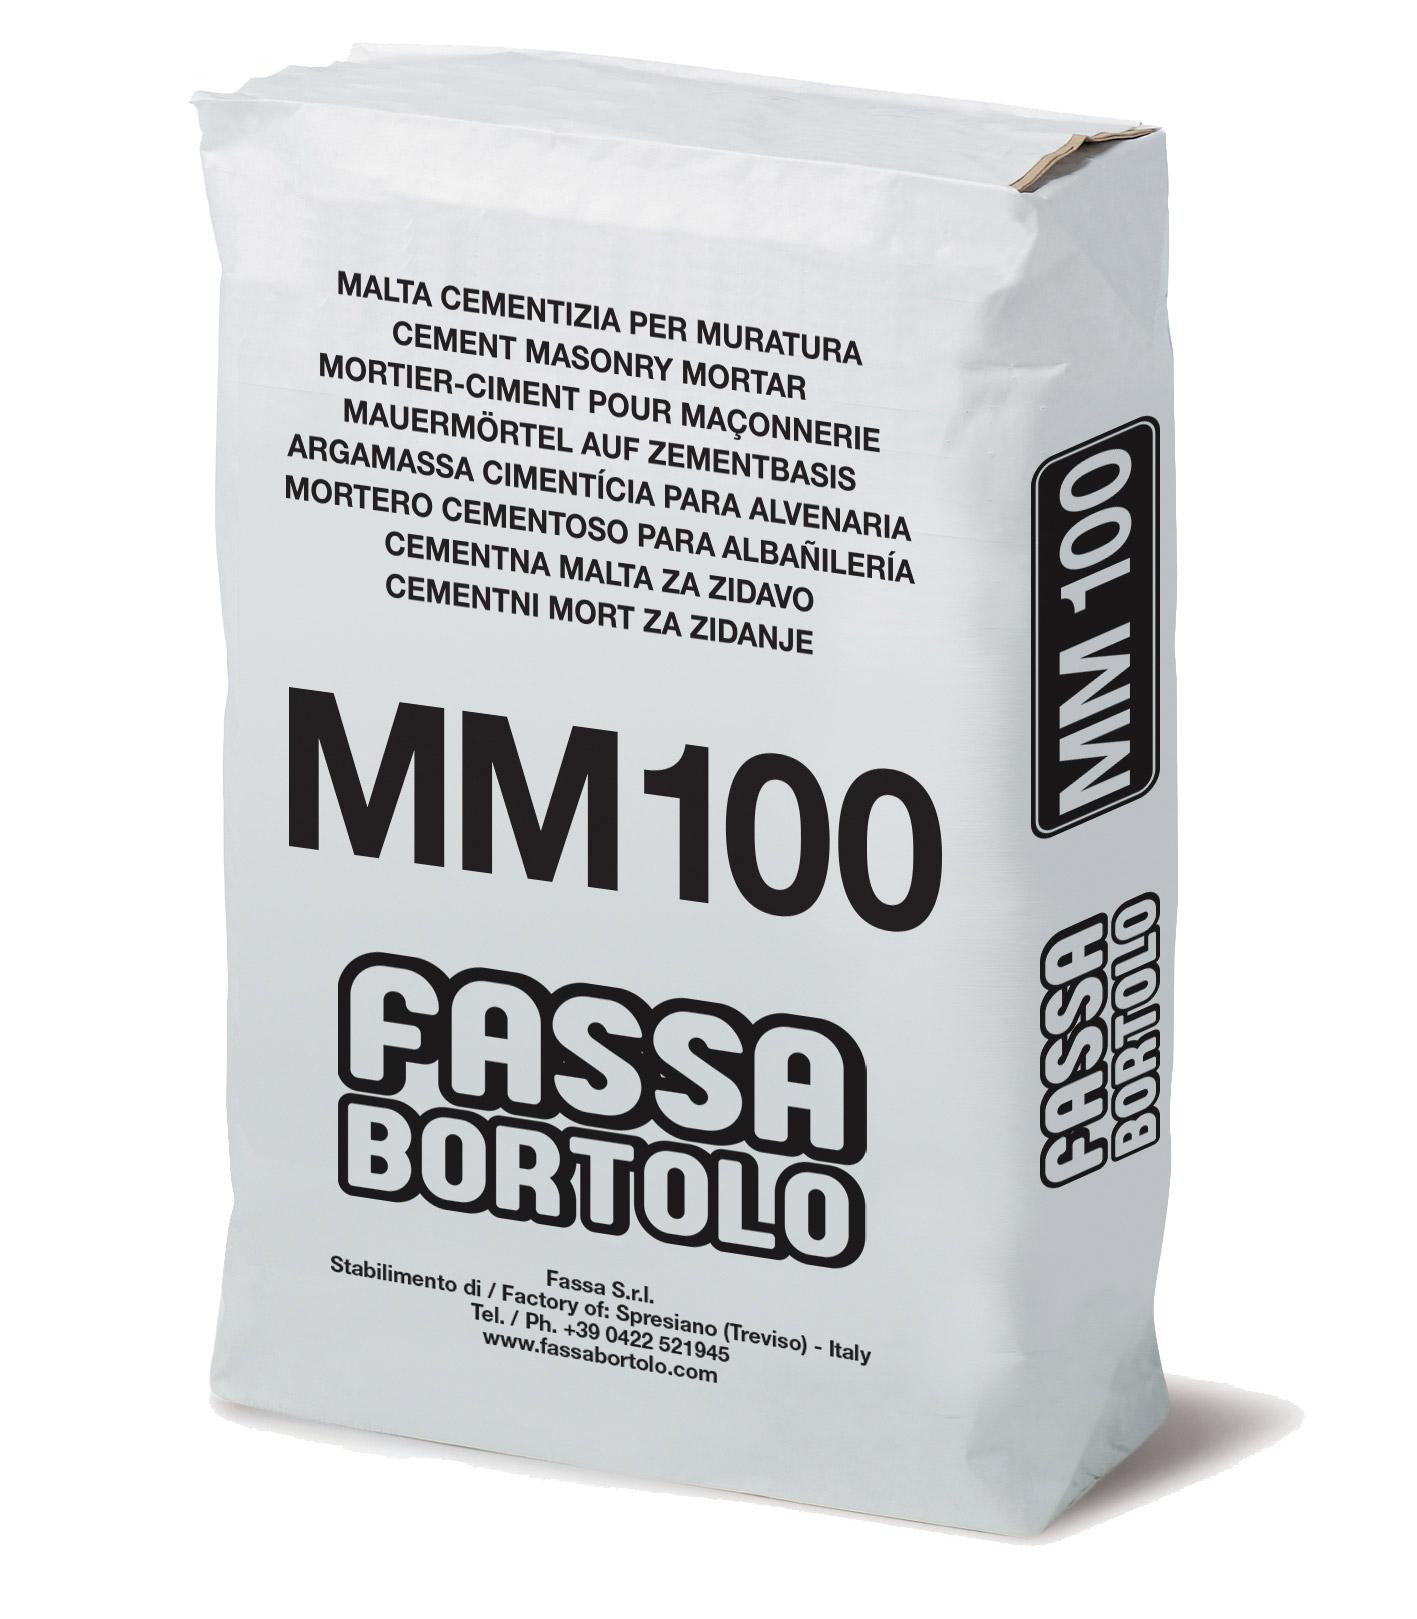 MM 100: Argamassa cimentícia para alvenaria